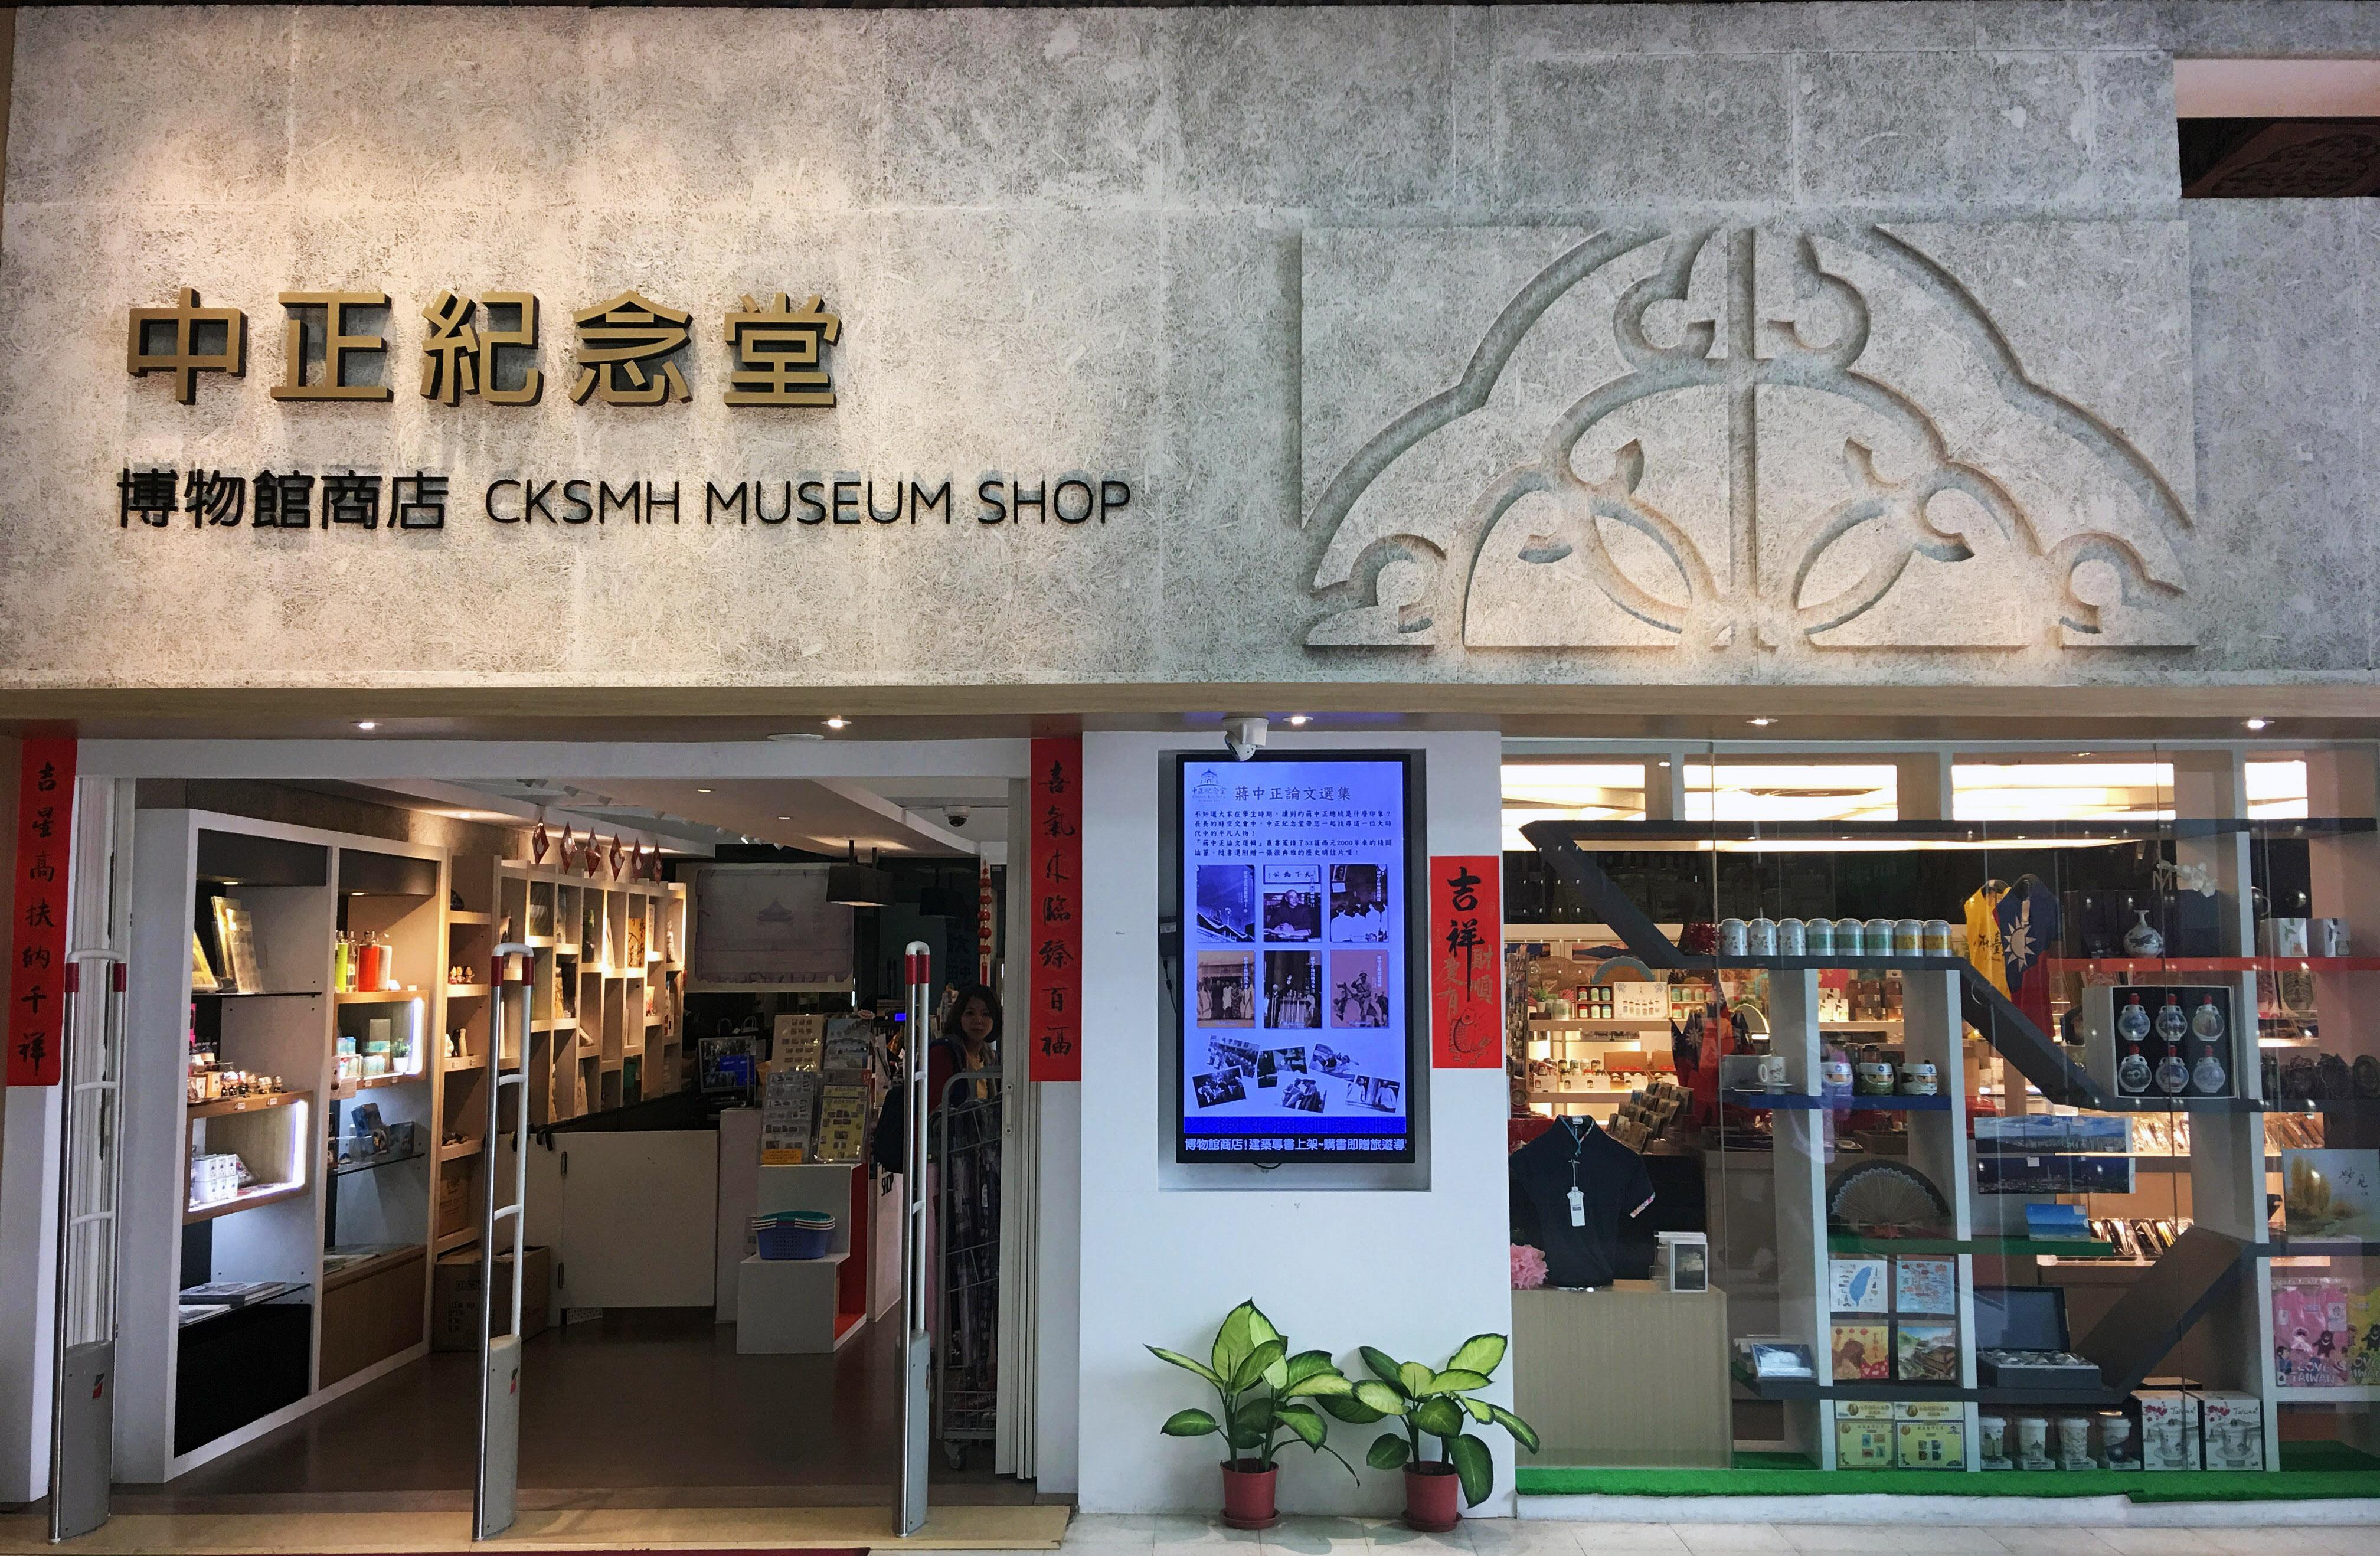 博物館商店.jpg